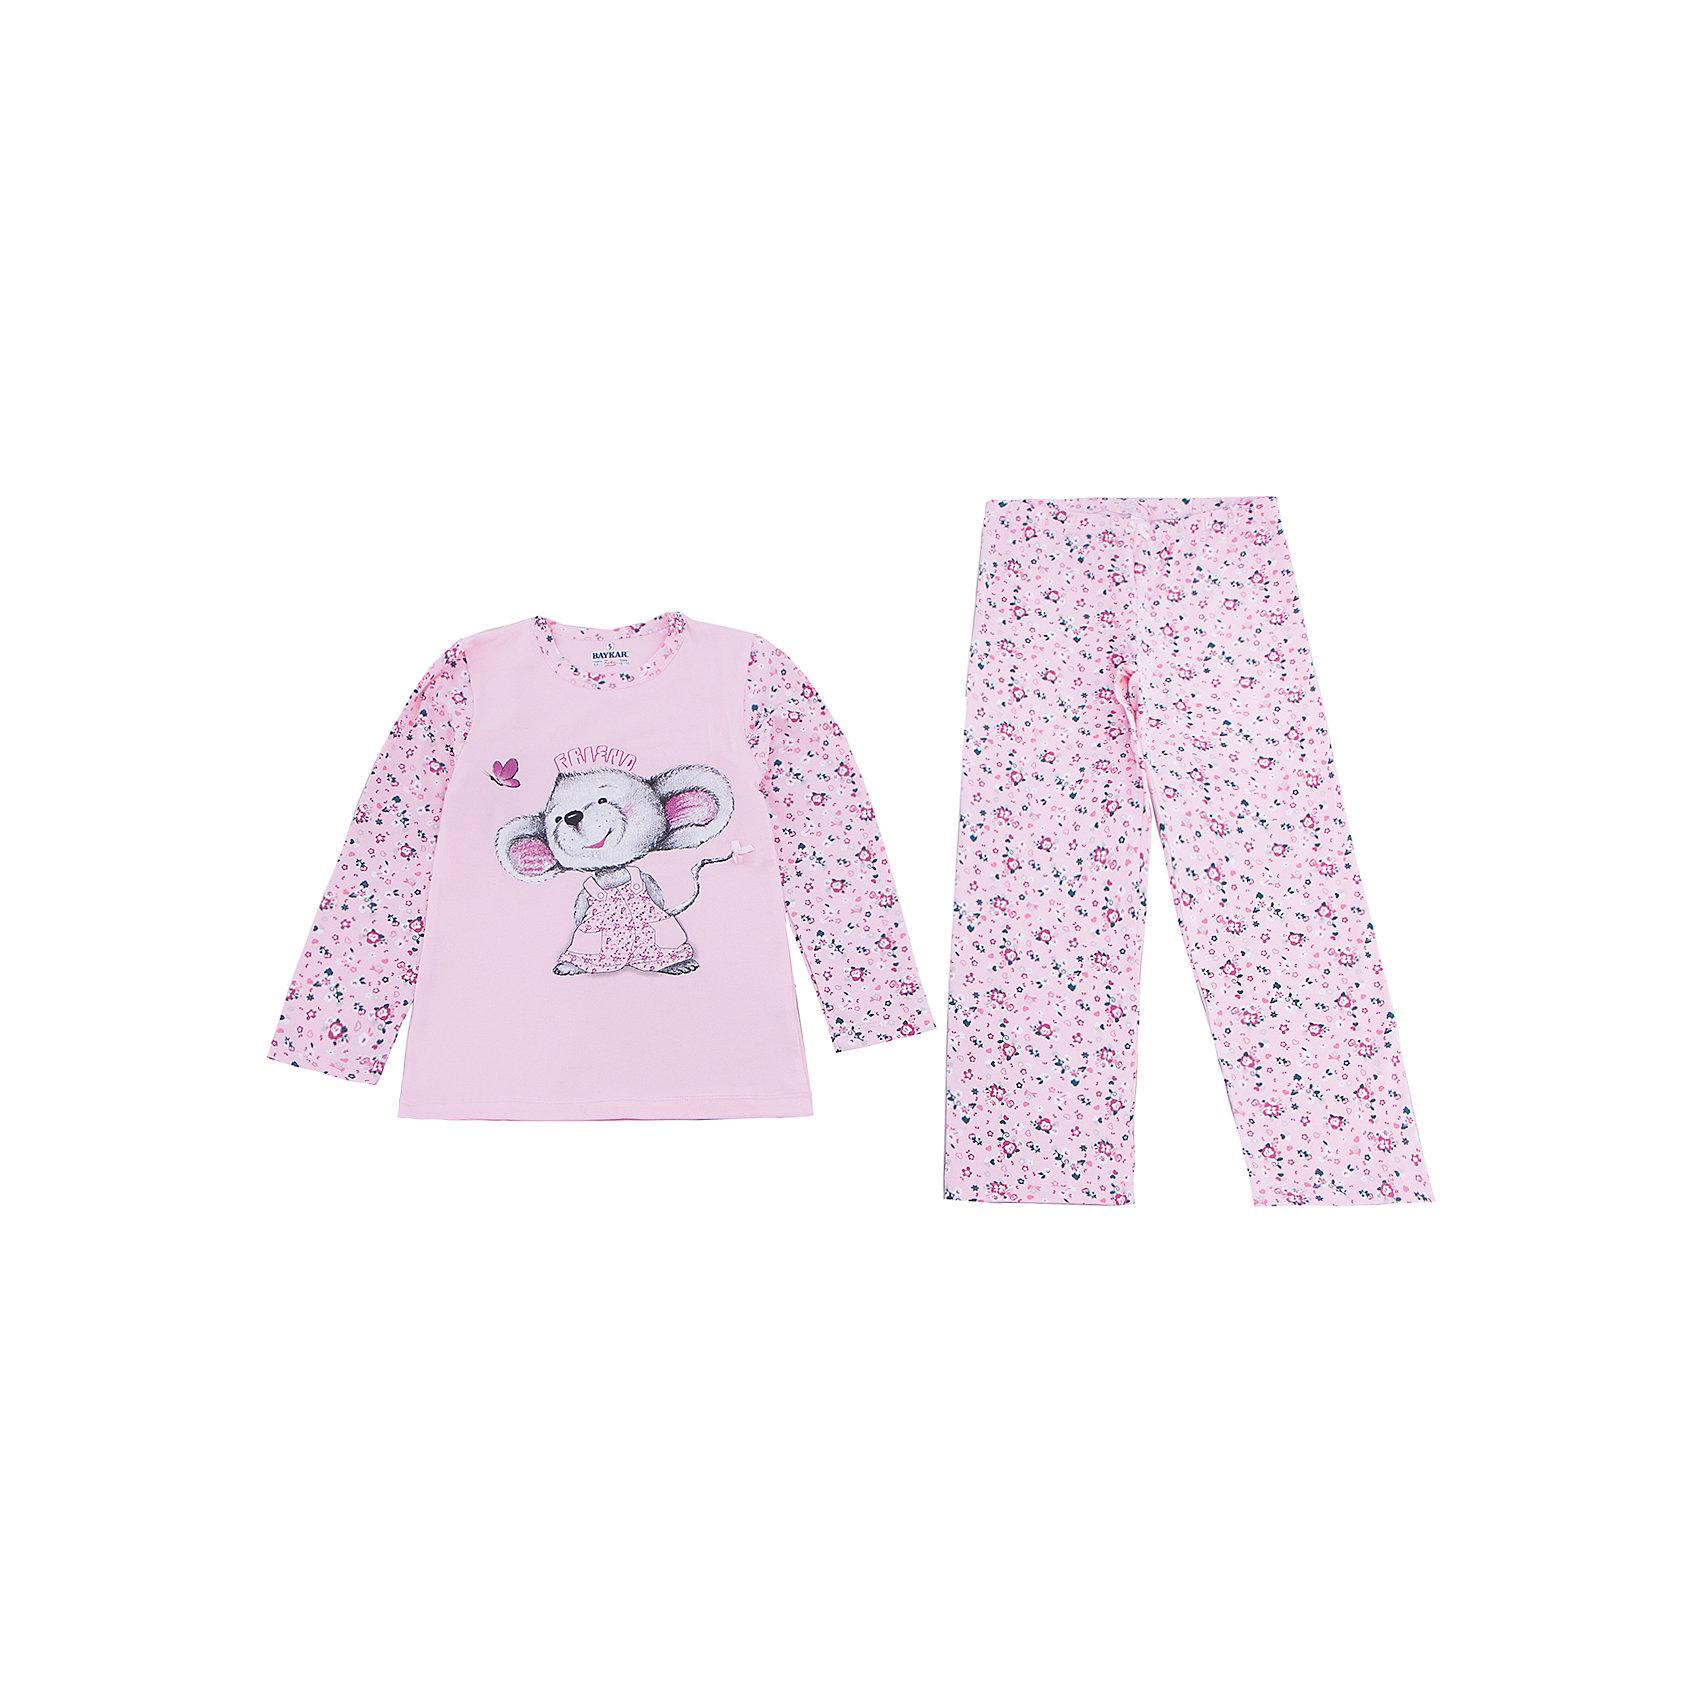 Пижама для девочки BaykarПижамы и сорочки<br>Характеристики товара:<br><br>• цвет: розовый<br>• состав ткани: 95% хлопок; 5% эластан<br>• комплектация: кофта, брюки<br>• пояс брюк: резинка<br>• сезон: круглый год<br>• страна бренда: Турция<br>• страна изготовитель: Турция<br><br>Правильно подобранная пижама для девочки позволяет обеспечить комфортный сон. Этот комплект для сна из кофты и брюк сделан из мягкого дышащего материала. <br><br>Материал с преобладание хлопка в составе отлично подходит для одежды для сна. Пижама для девочки Baykar украшена симпатичным принтом. <br><br>Пижаму для девочки Baykar (Байкар) можно купить в нашем интернет-магазине.<br><br>Ширина мм: 281<br>Глубина мм: 70<br>Высота мм: 188<br>Вес г: 295<br>Цвет: белый<br>Возраст от месяцев: 72<br>Возраст до месяцев: 84<br>Пол: Женский<br>Возраст: Детский<br>Размер: 116/122,98/104,104/110,110/116<br>SKU: 6764724